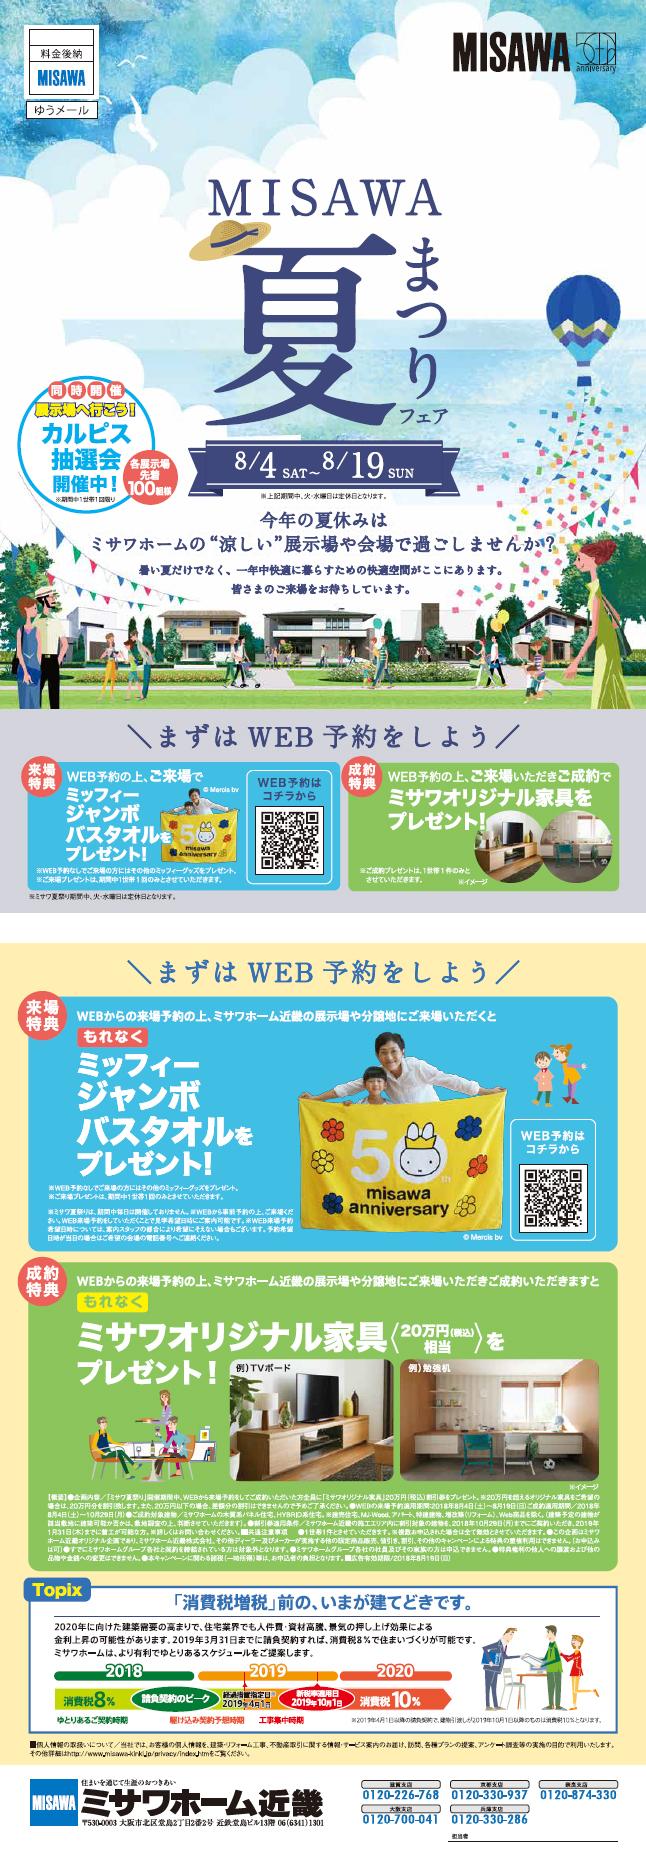 misawa_kashiba20180803.jpg